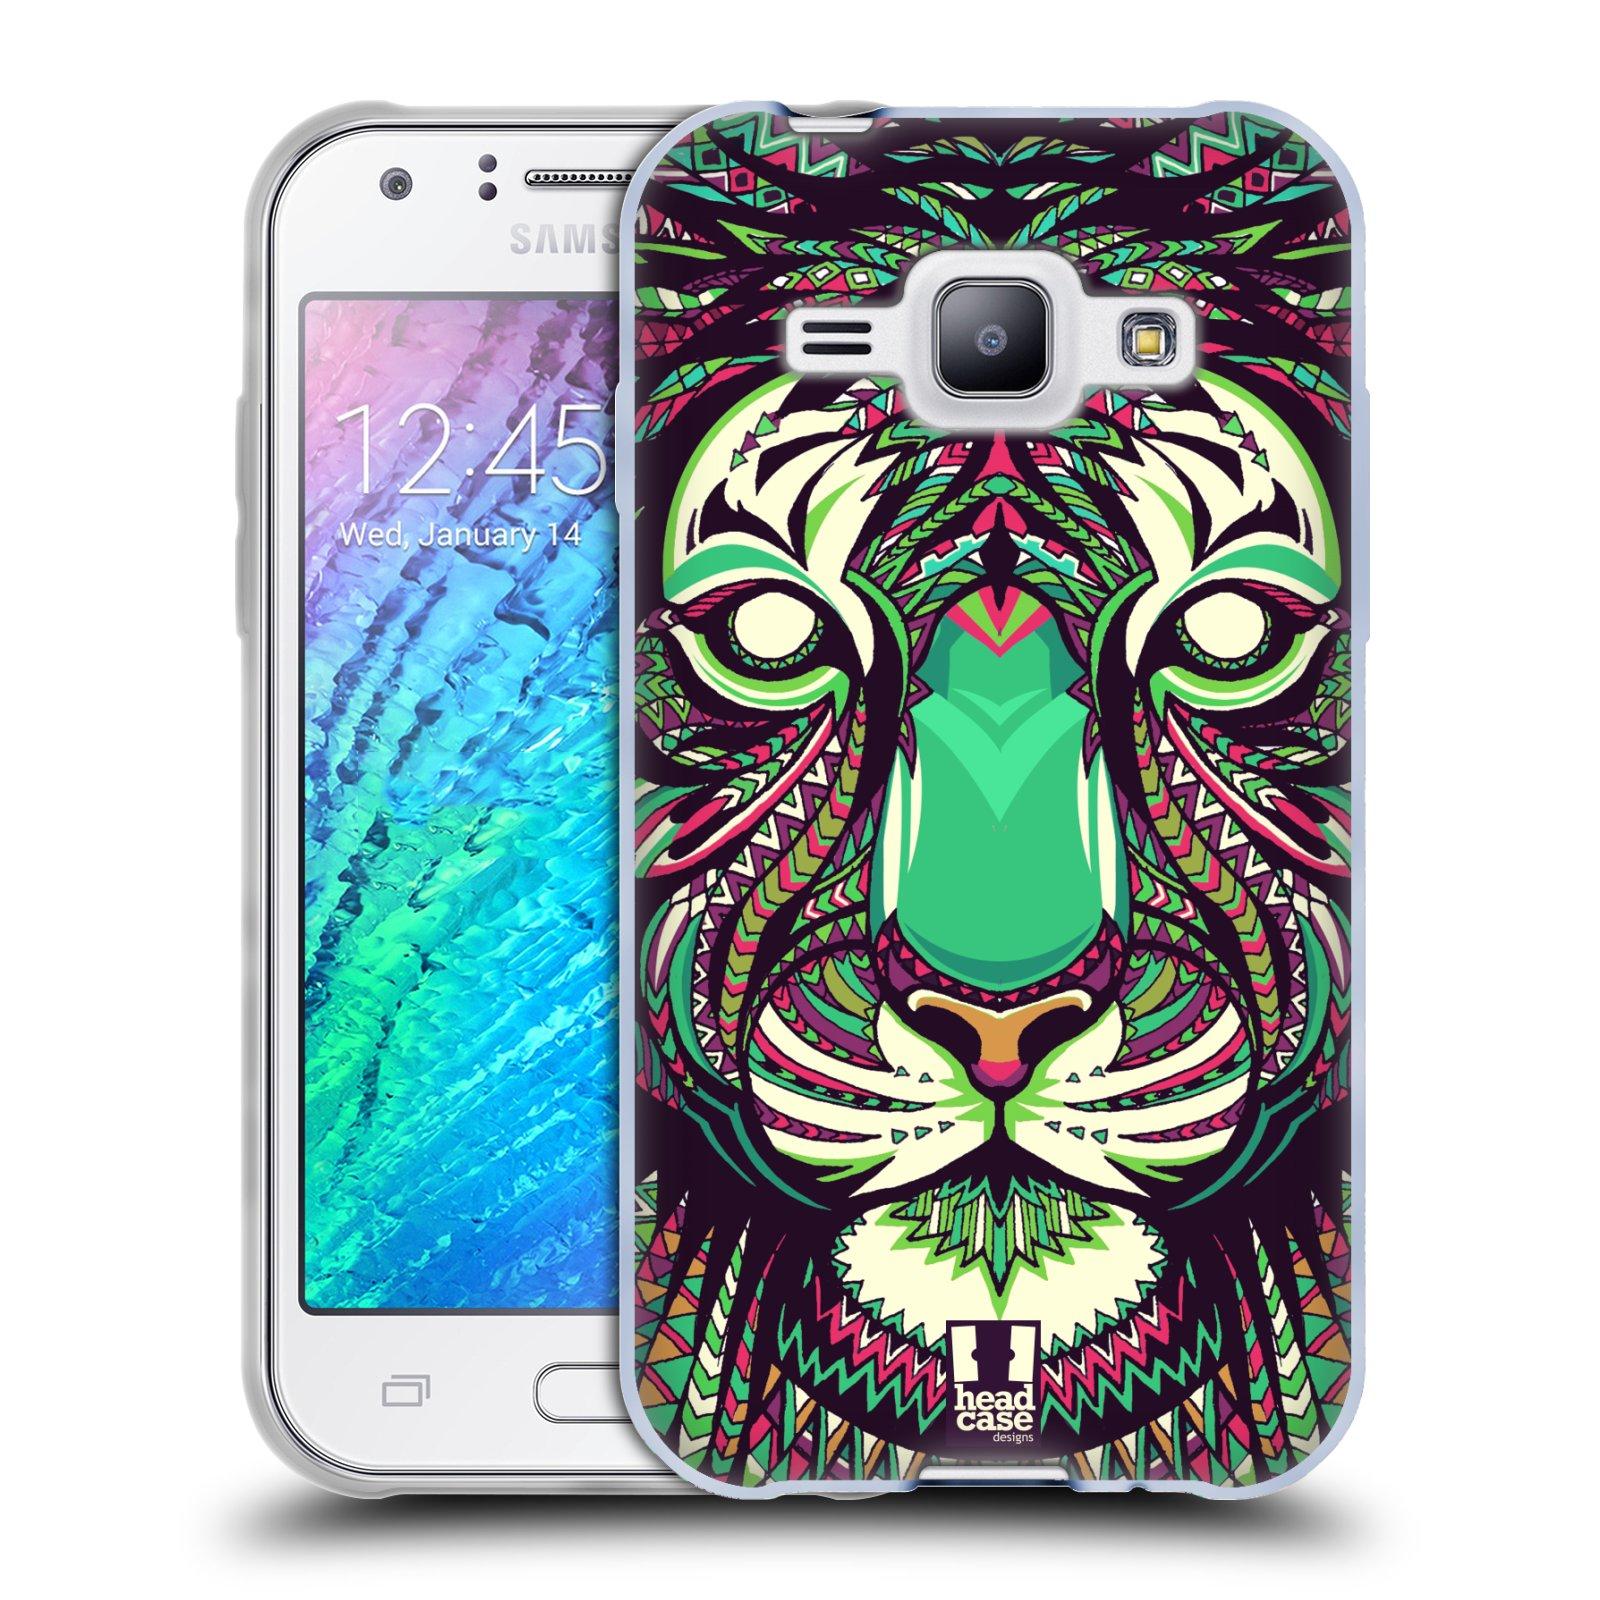 Silikonové pouzdro na mobil Samsung Galaxy J1 HEAD CASE AZTEC TYGR (Silikonový kryt či obal na mobilní telefon Samsung Galaxy J1 a J1 Duos)